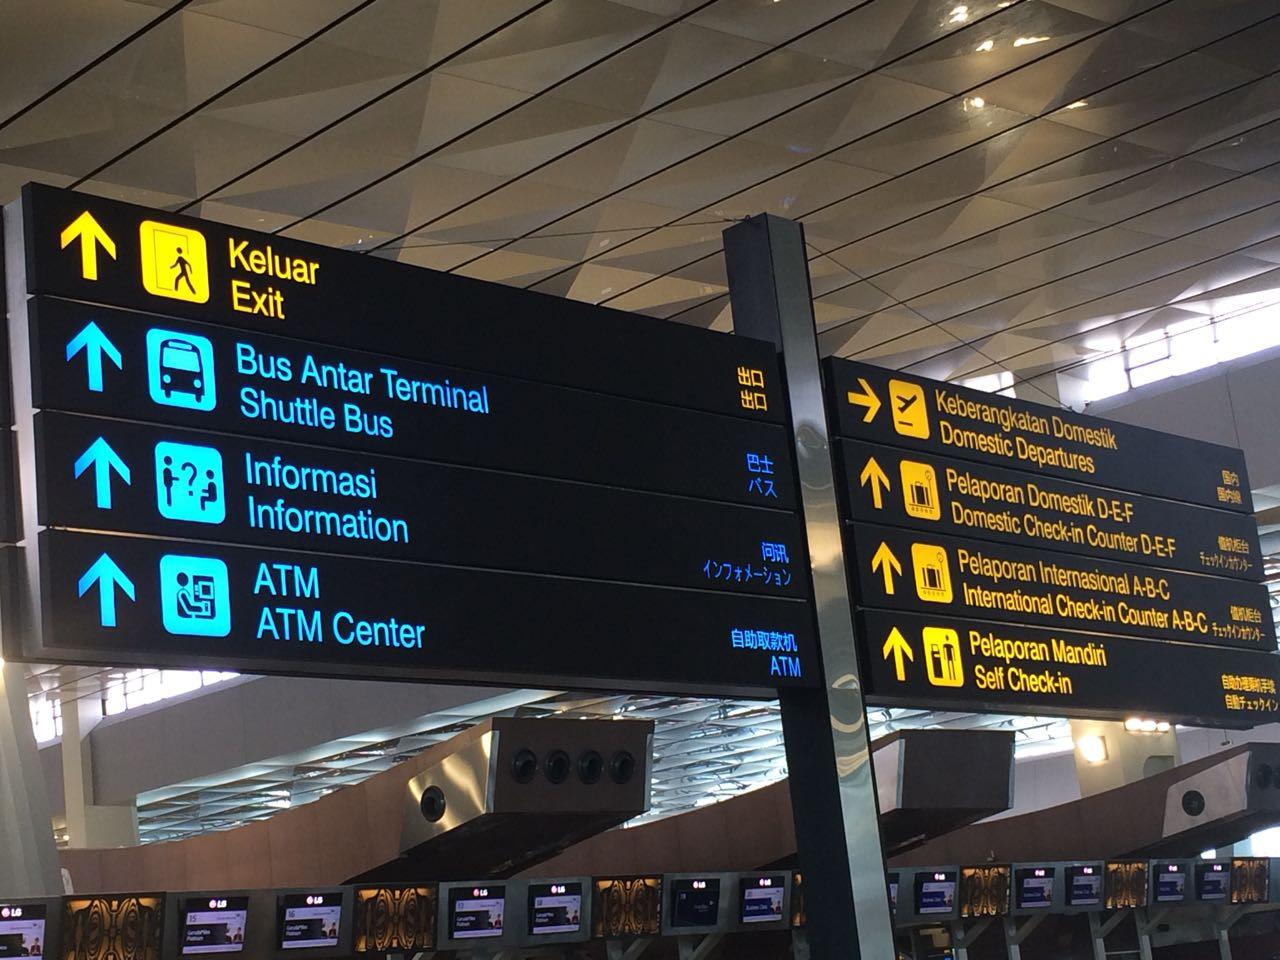 https: img.okezone.com content 2020 01 02 338 2148423 pasca-terendam-banjir-penerbangan-sipil-bandara-halim-kembali-beroperasi-YeRvvkpF4V.jpg